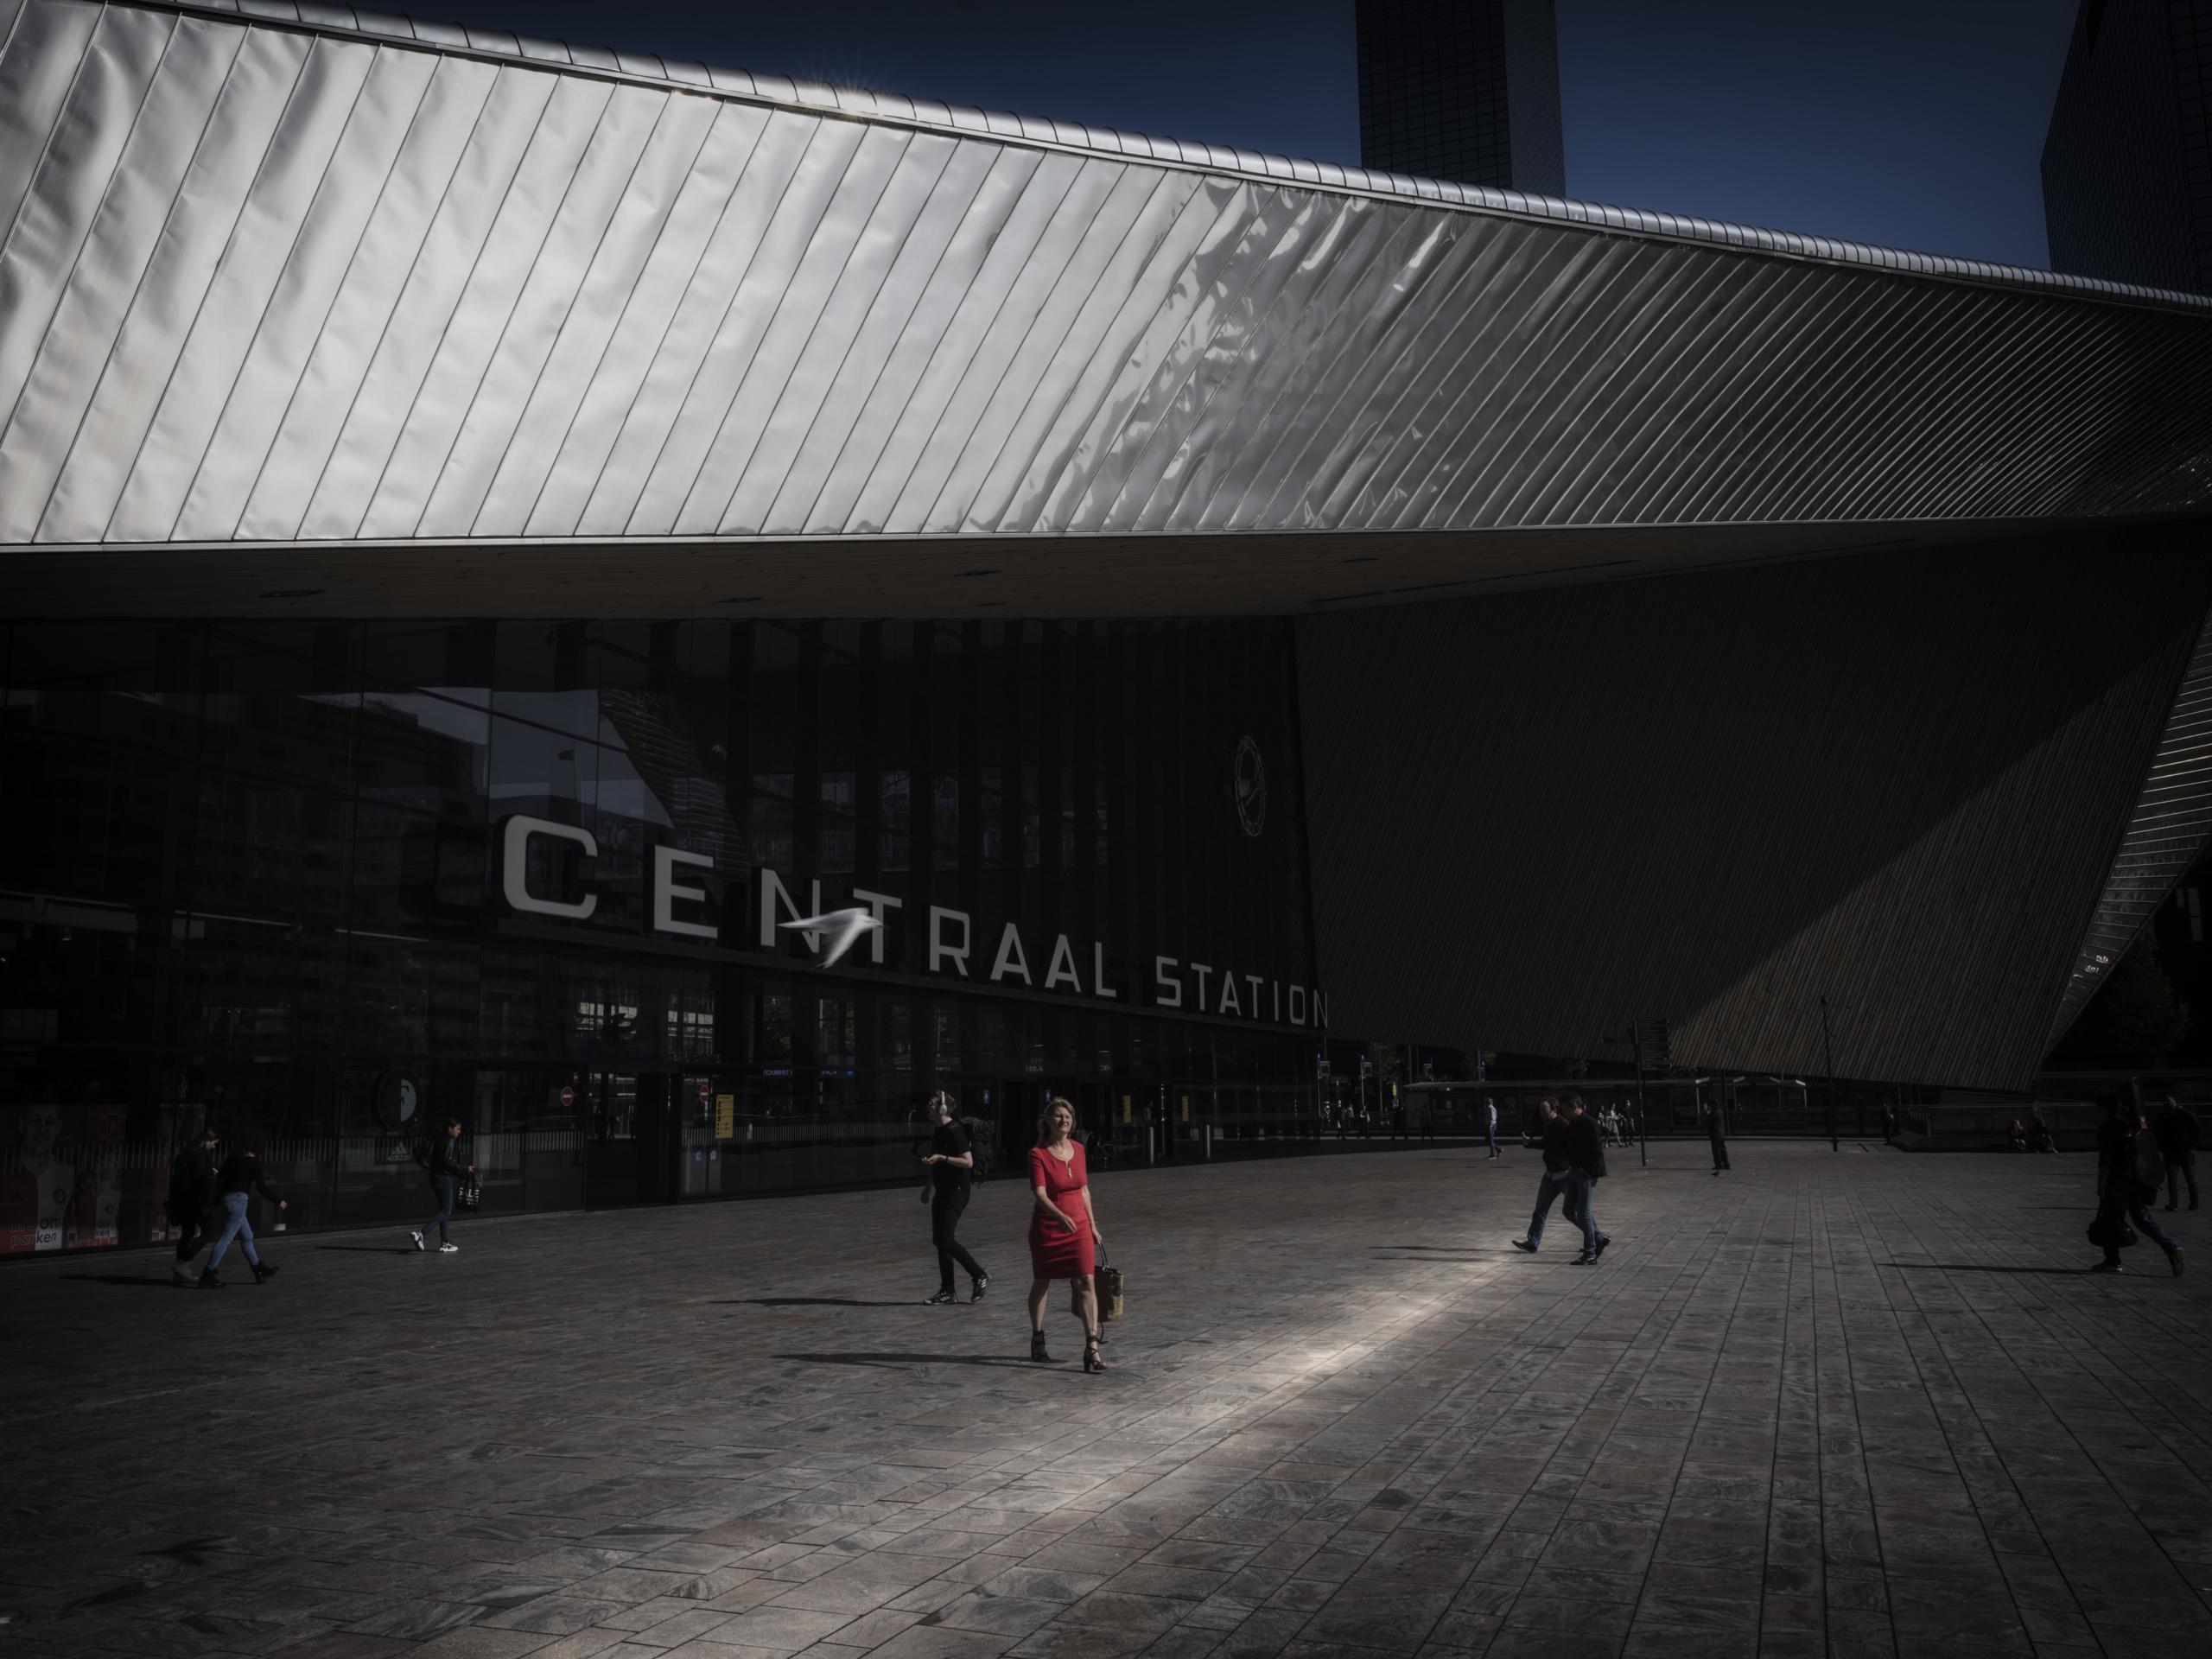 Jason van Bruggen, Rotterdam Centraal Train Station, 2020